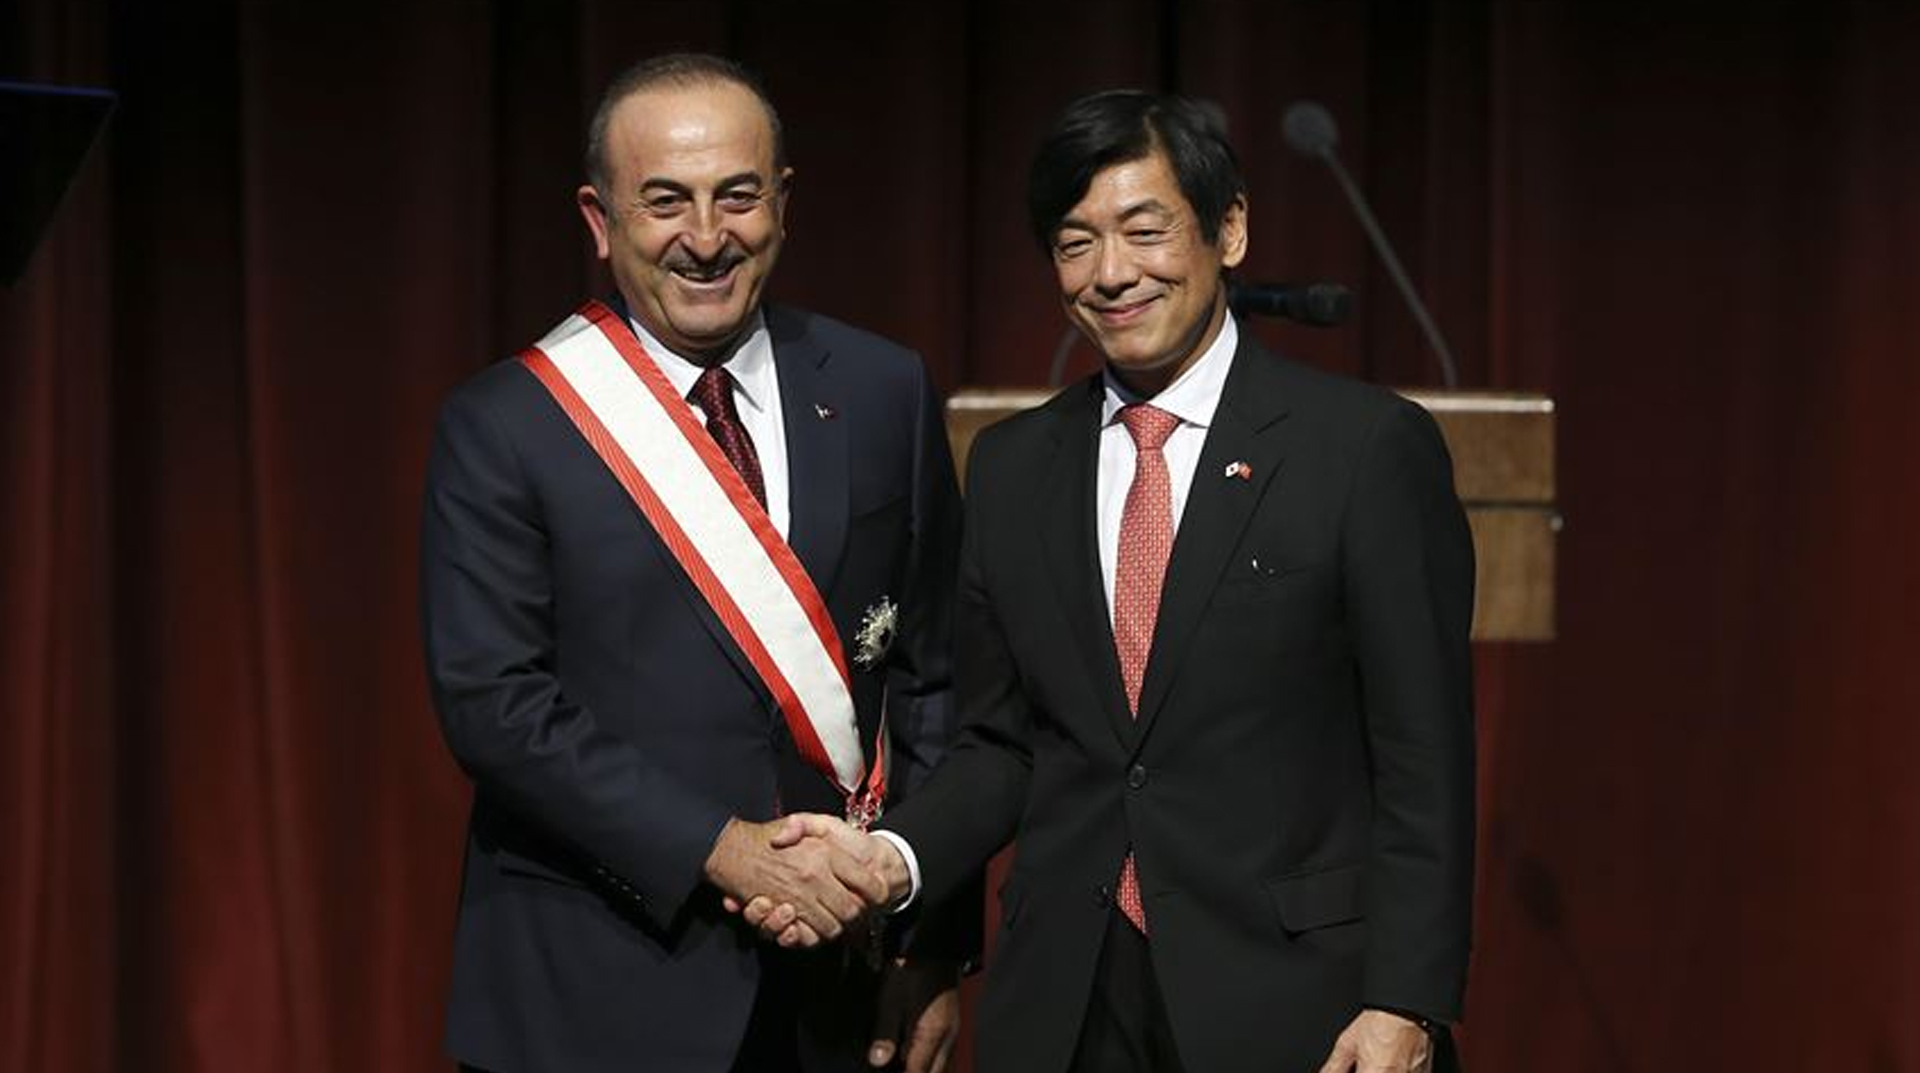 Japonya'nın en yüksek nişanıyla taltif edilen Çavuşoğlu: Ülkem ve hükümetim adına gurur duyuyorum